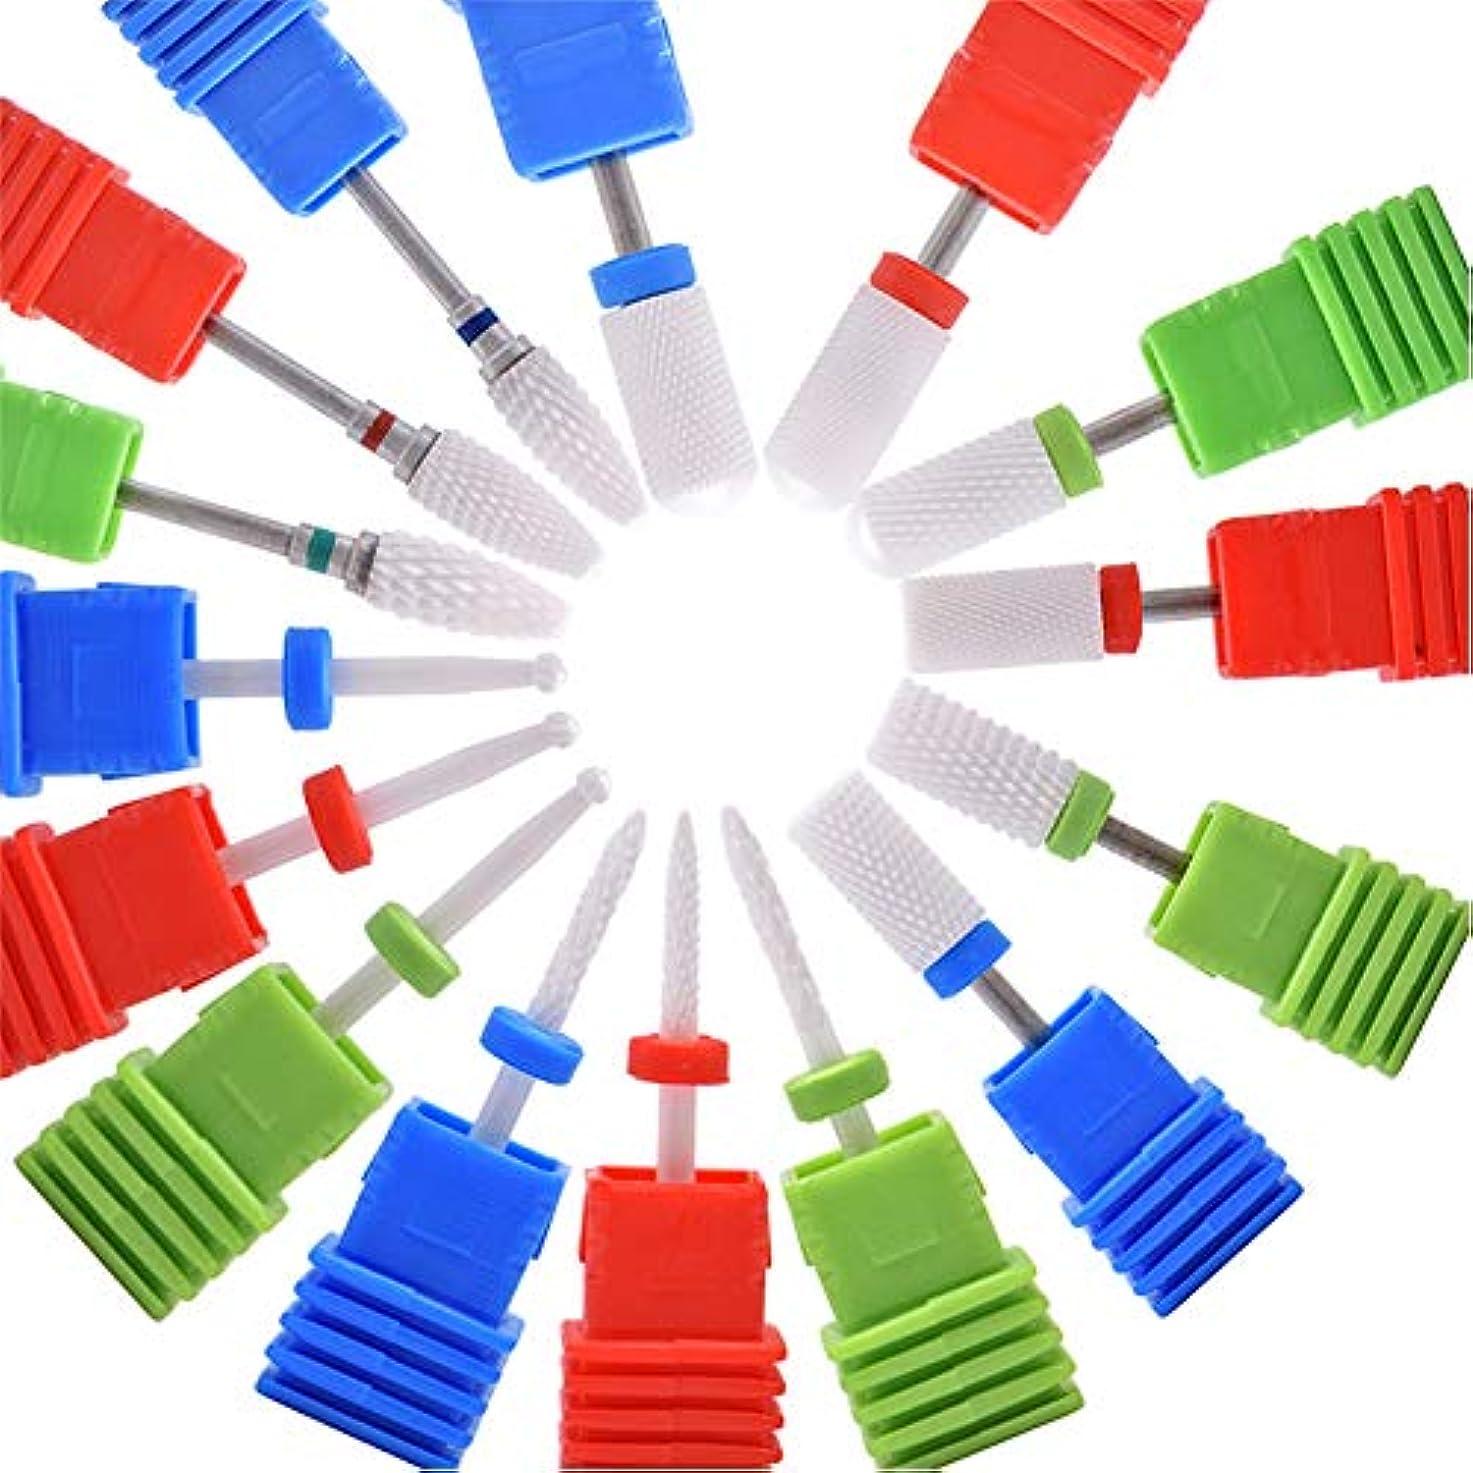 不機嫌そうなエッセンス北Oral Dentistry ネイルアート ドリルビット 研削ヘッド 研磨ヘッド ネイル グラインド ヘッド 爪 磨き 研磨 研削 セラミック 全3色 15種類